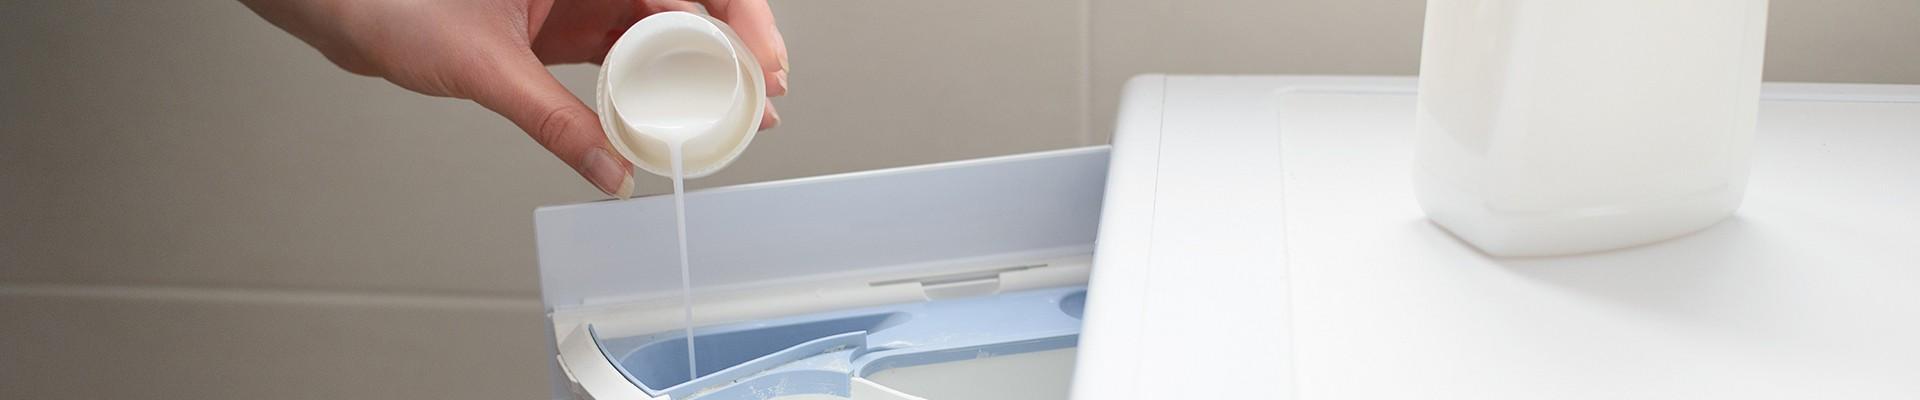 Using your homemade fabric softener